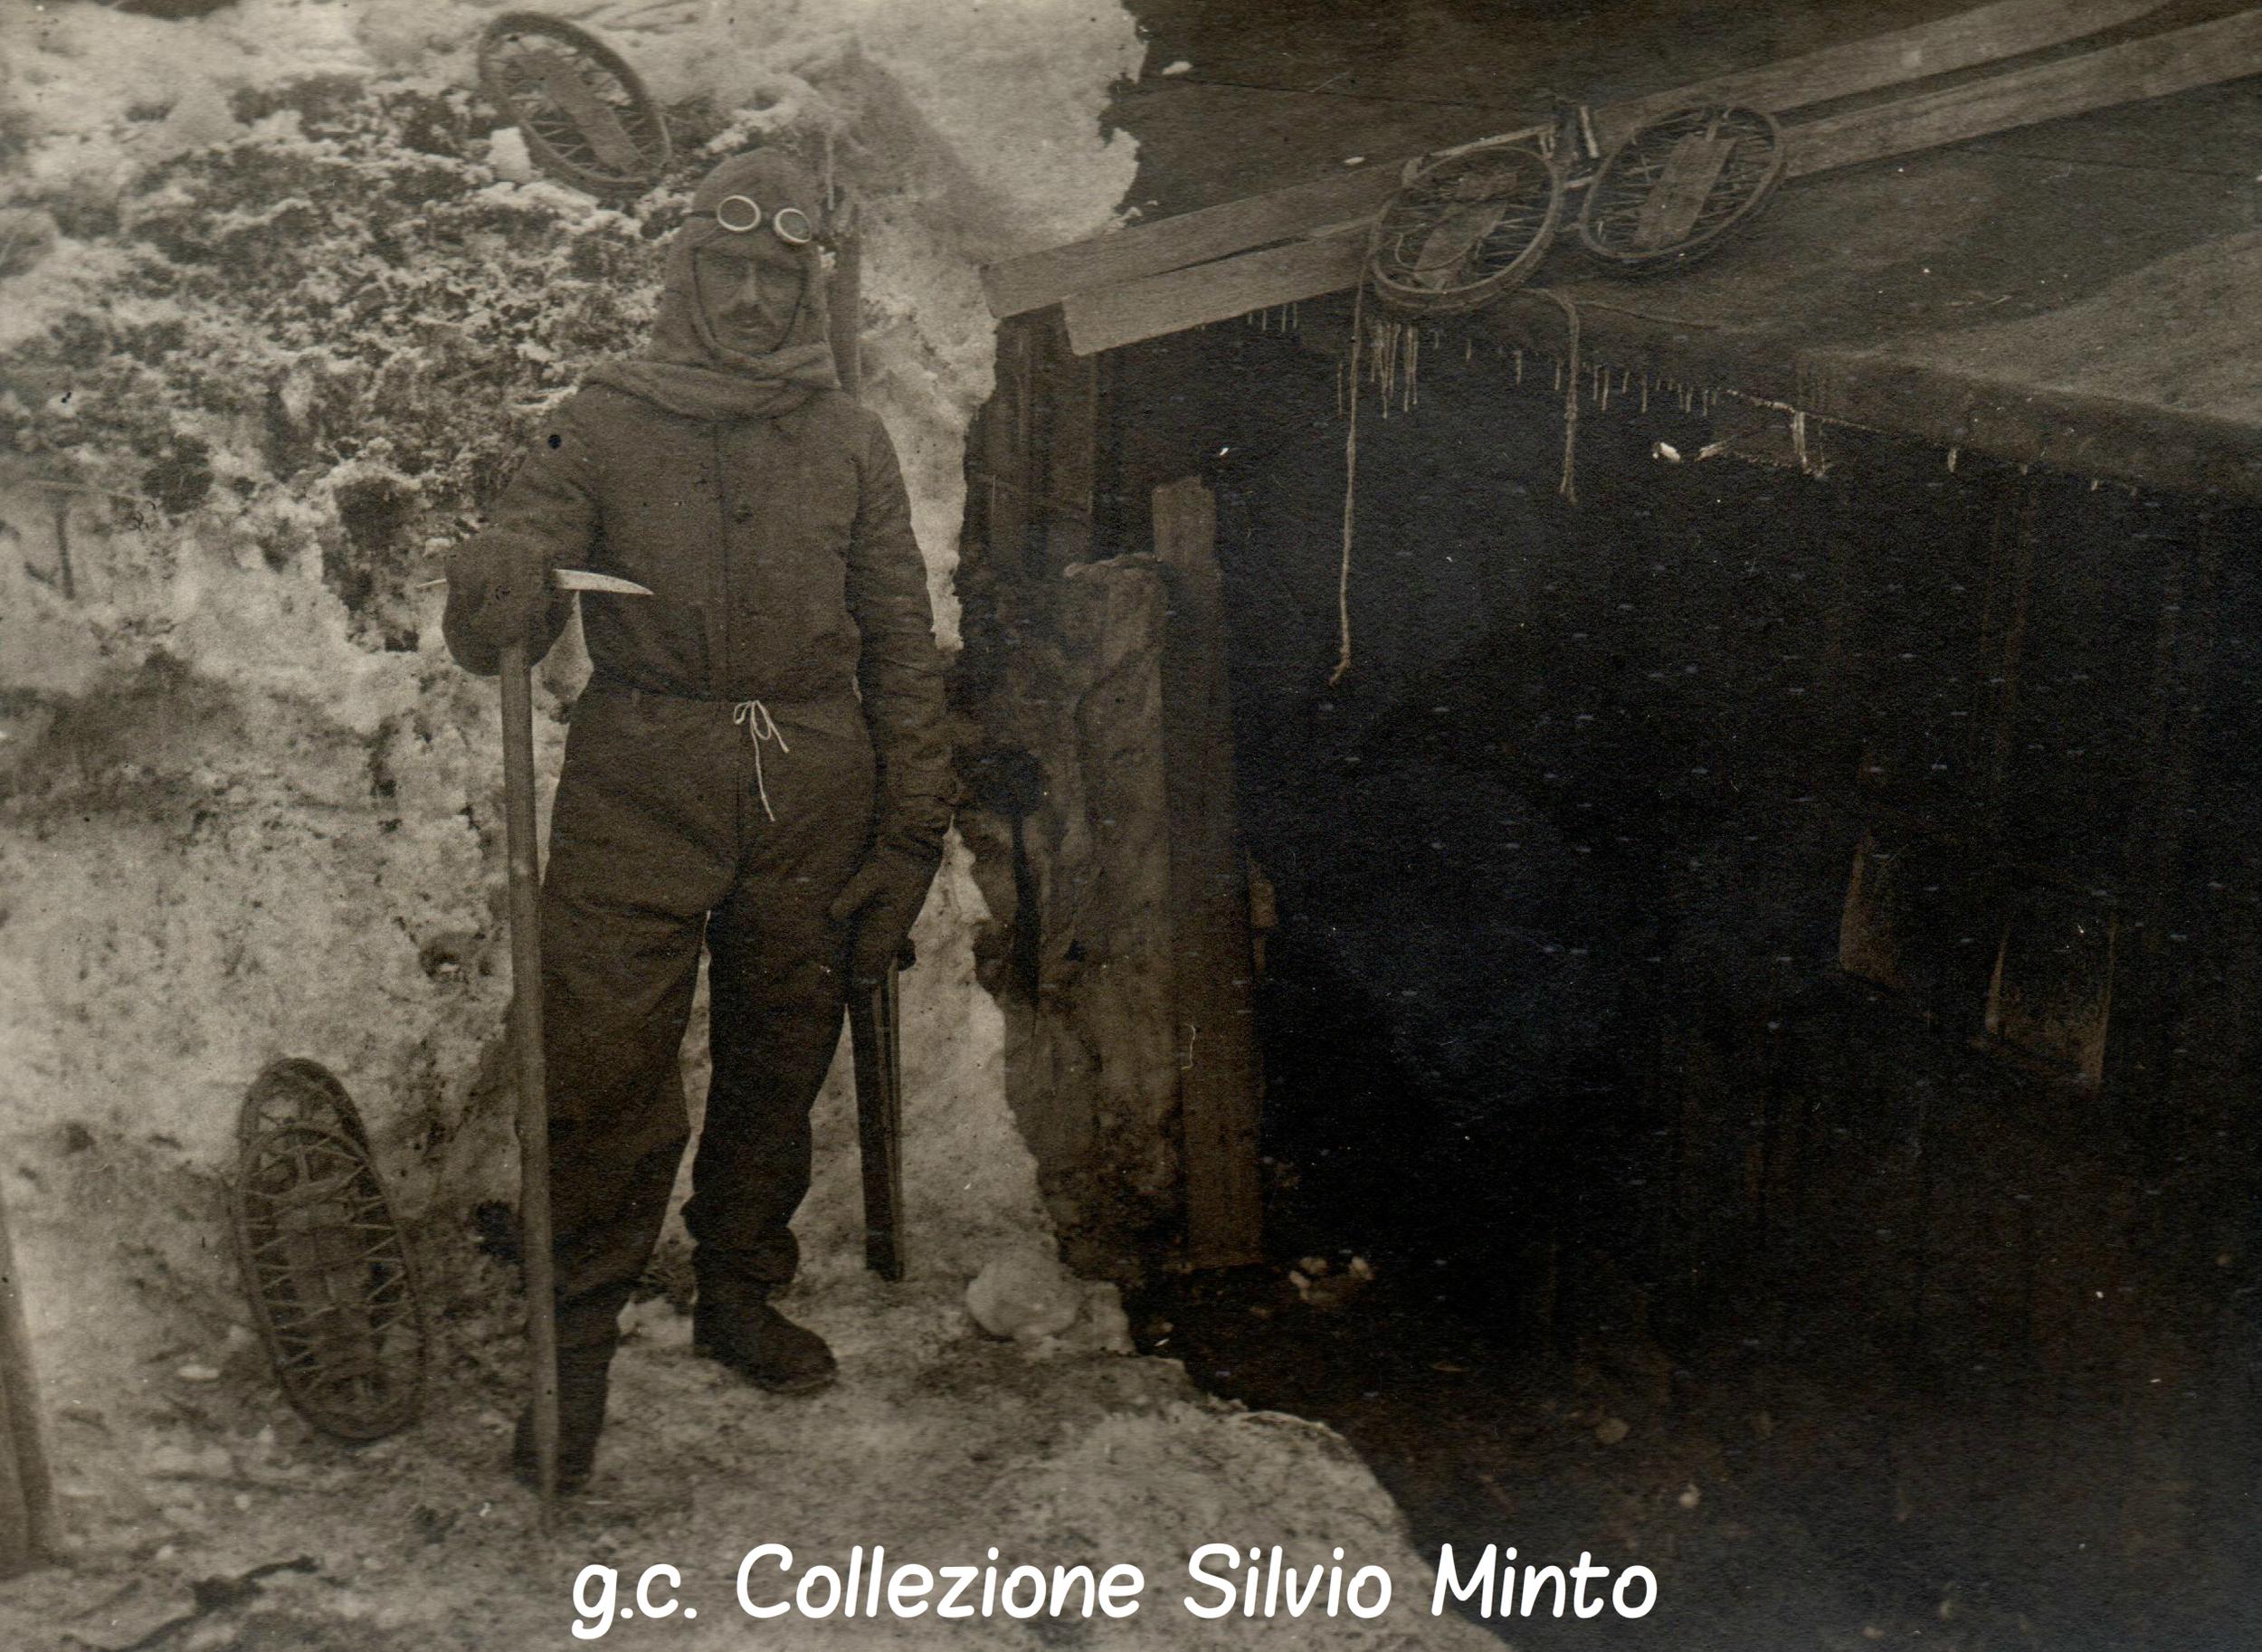 Soldato austriaco con equipaggiamento invernale ritratto nel 1917 sulla Marmolada